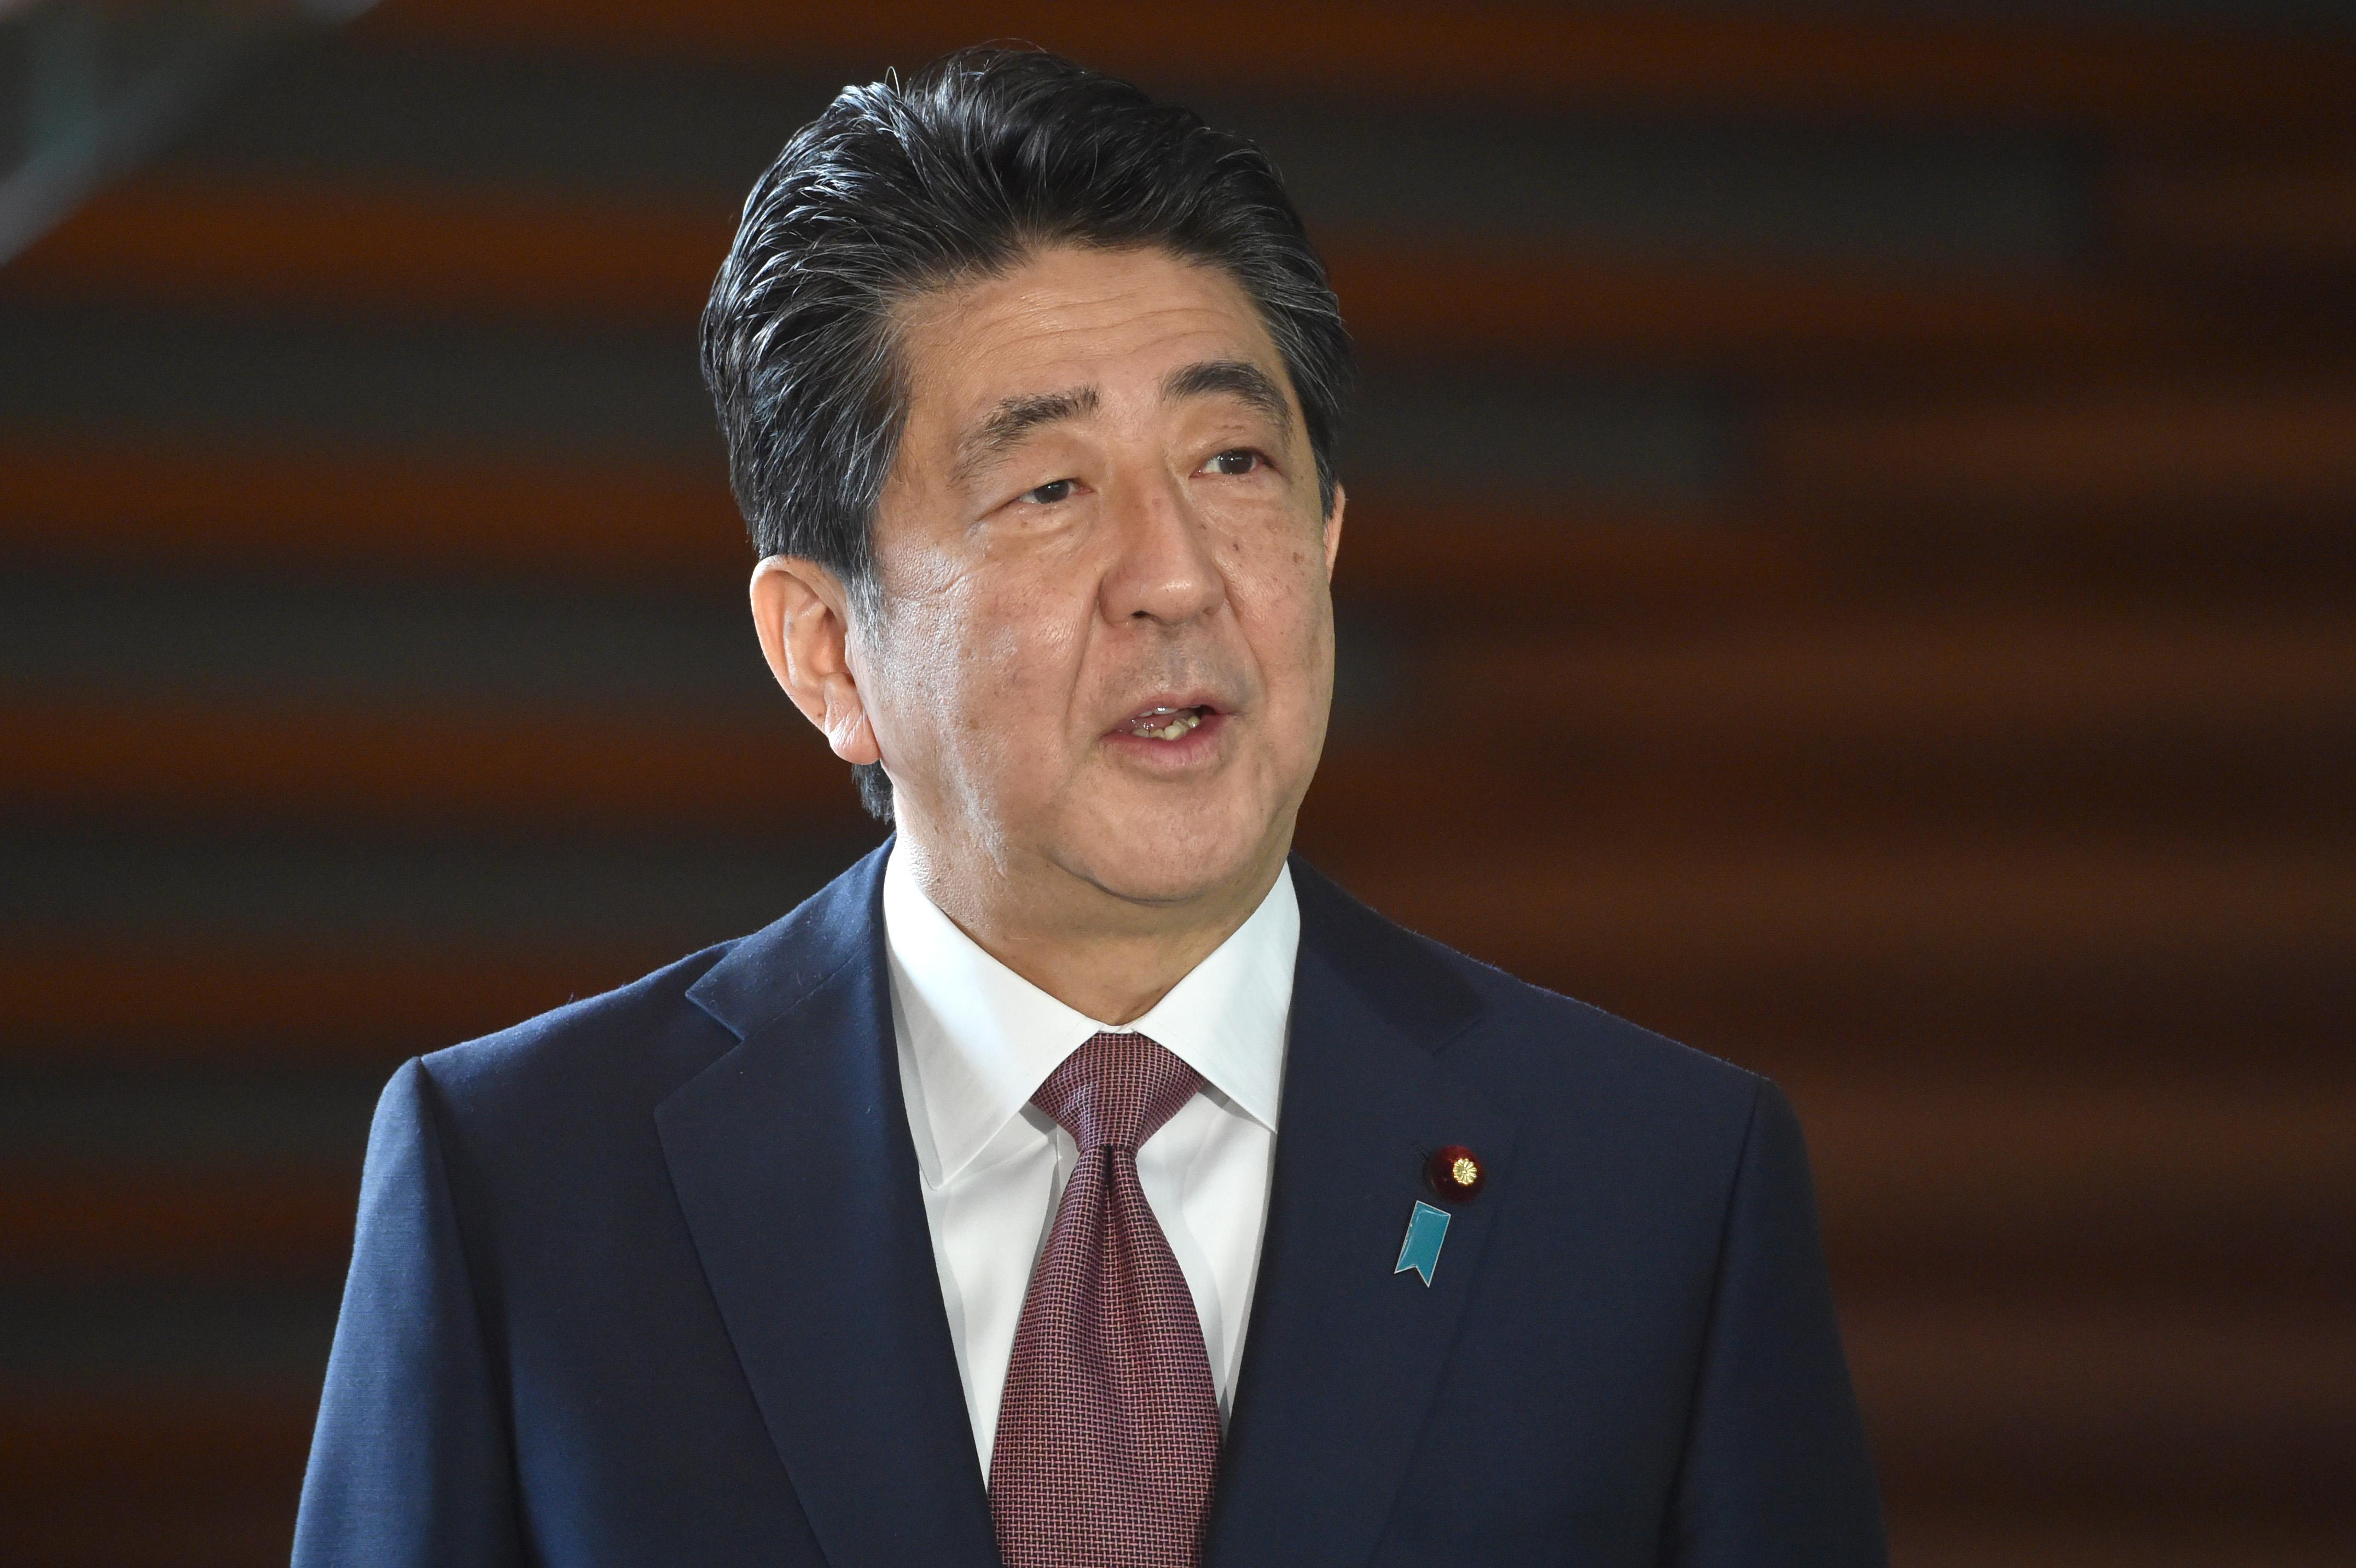 Szabálytalan közpénzfelhasználás miatt vizsgálódnak a volt japán kormányfő ellen